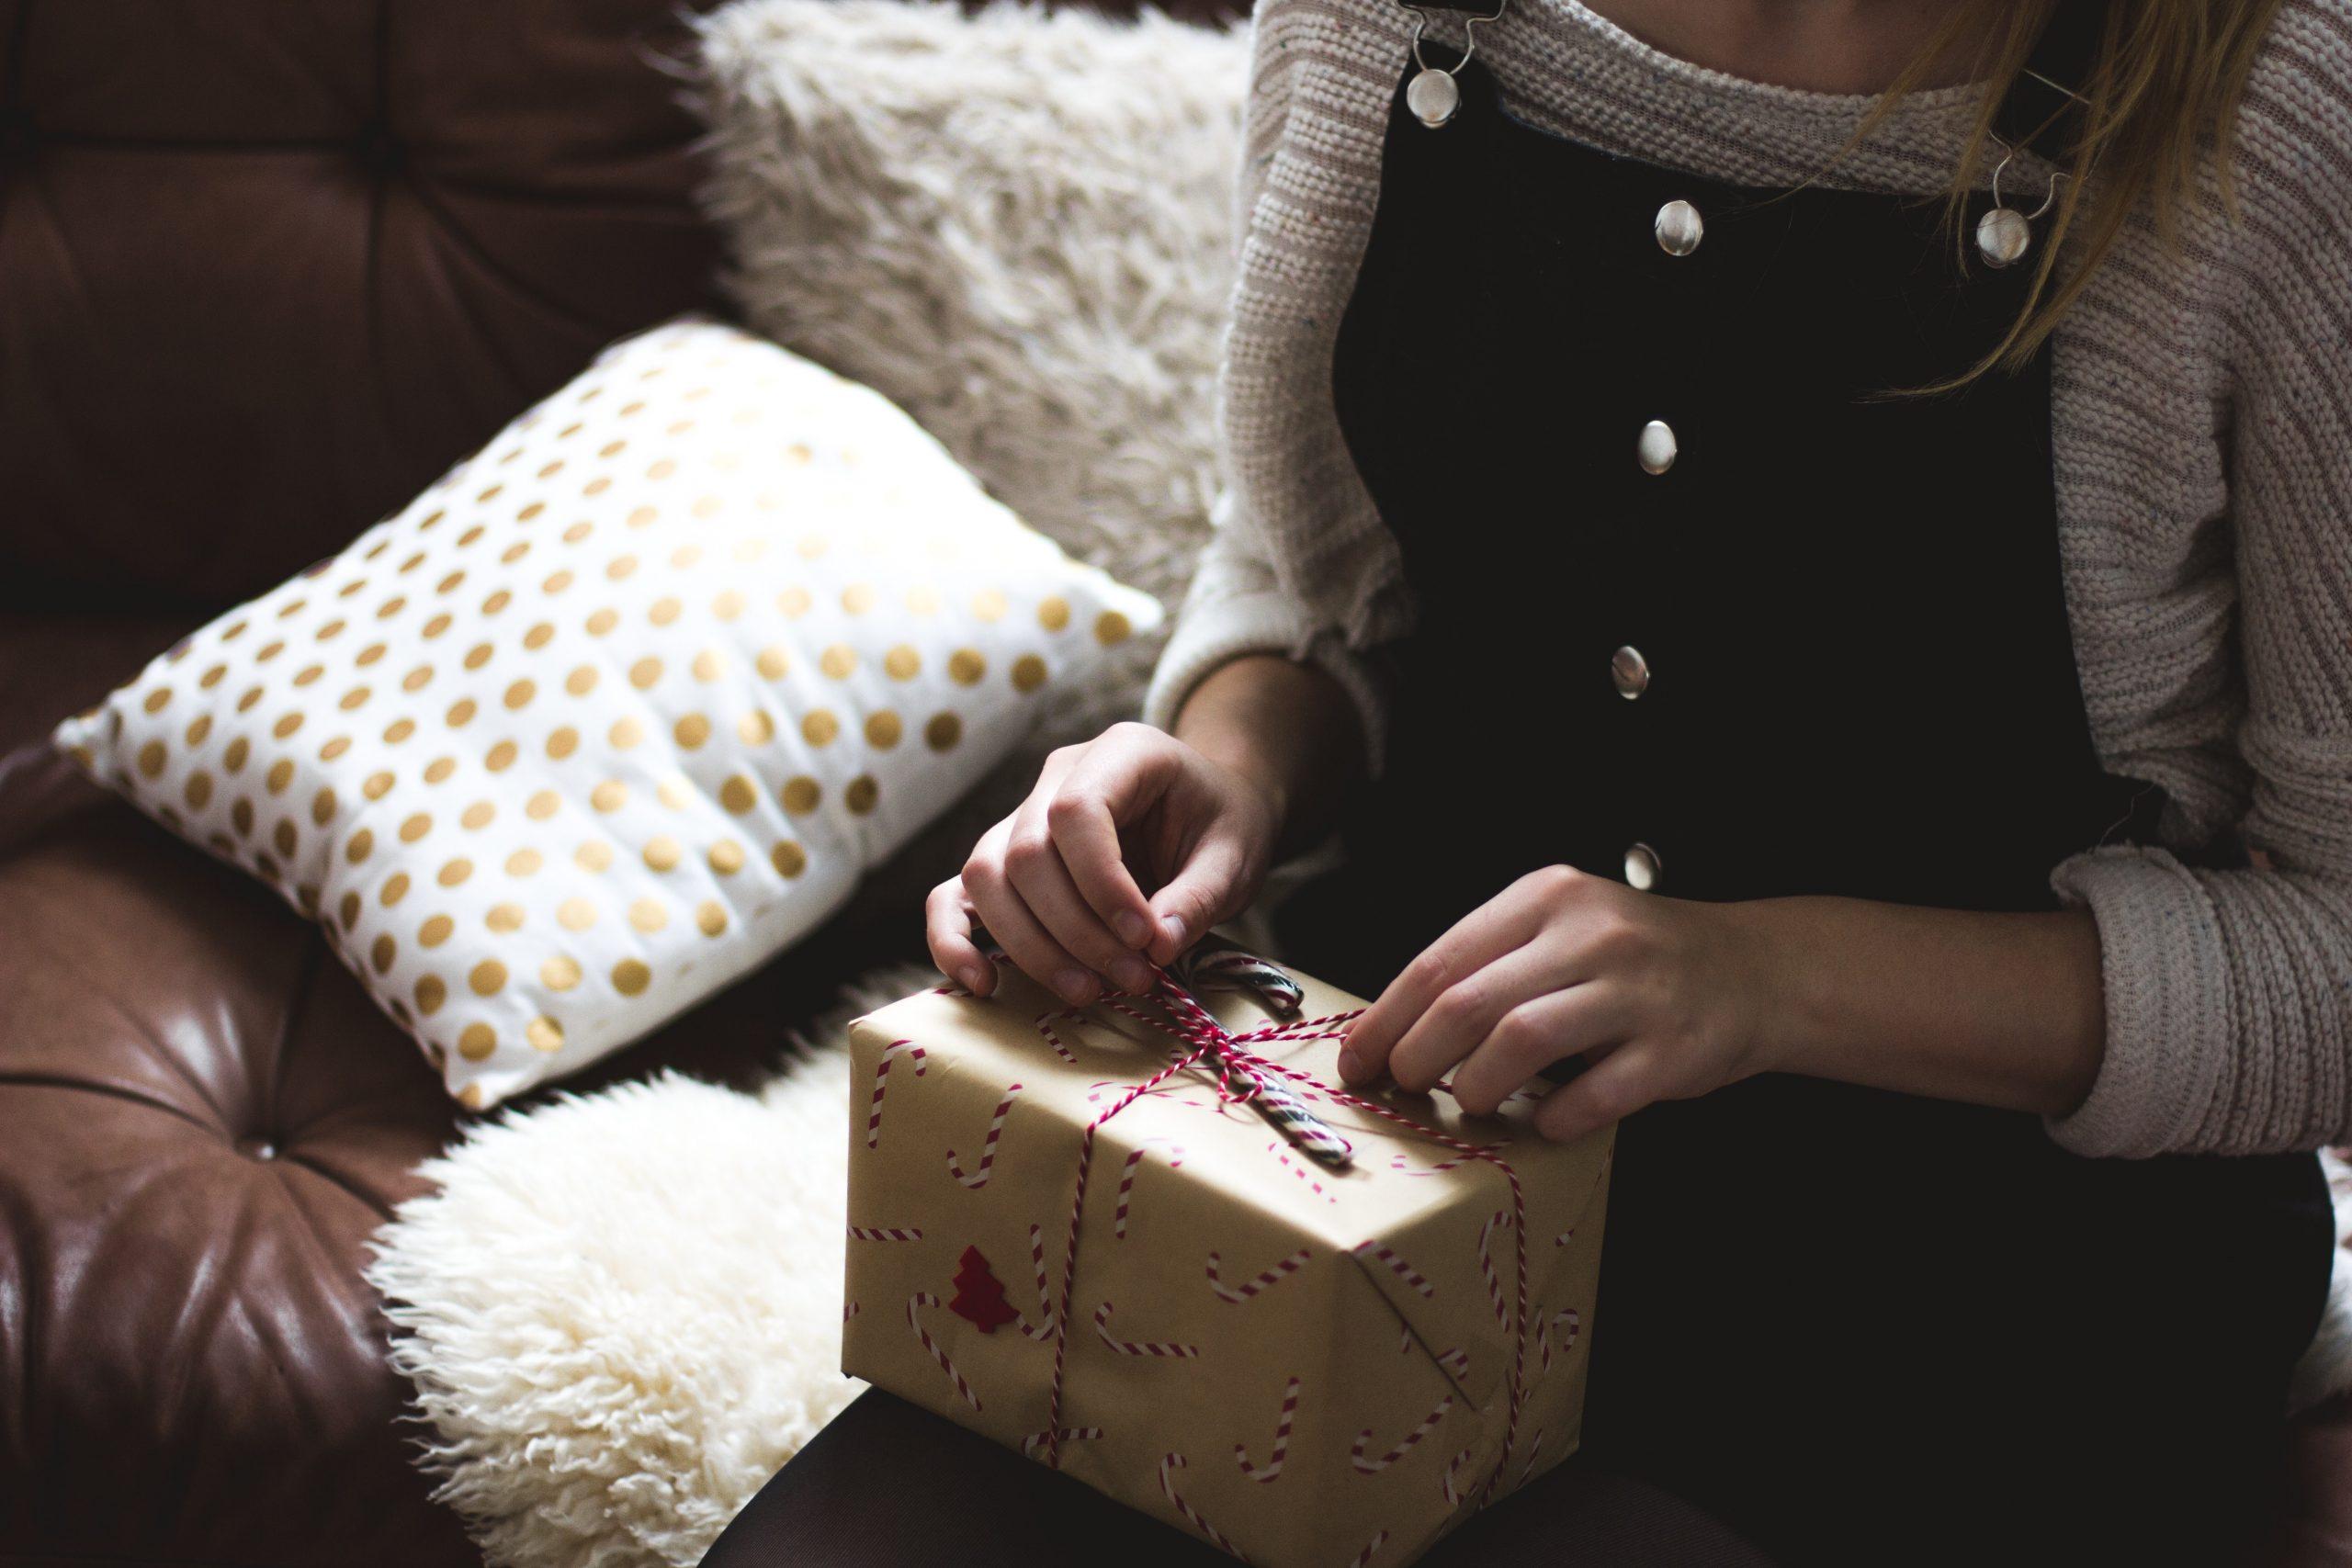 cadeaus kopen voor anderen hoe doe je dat tips